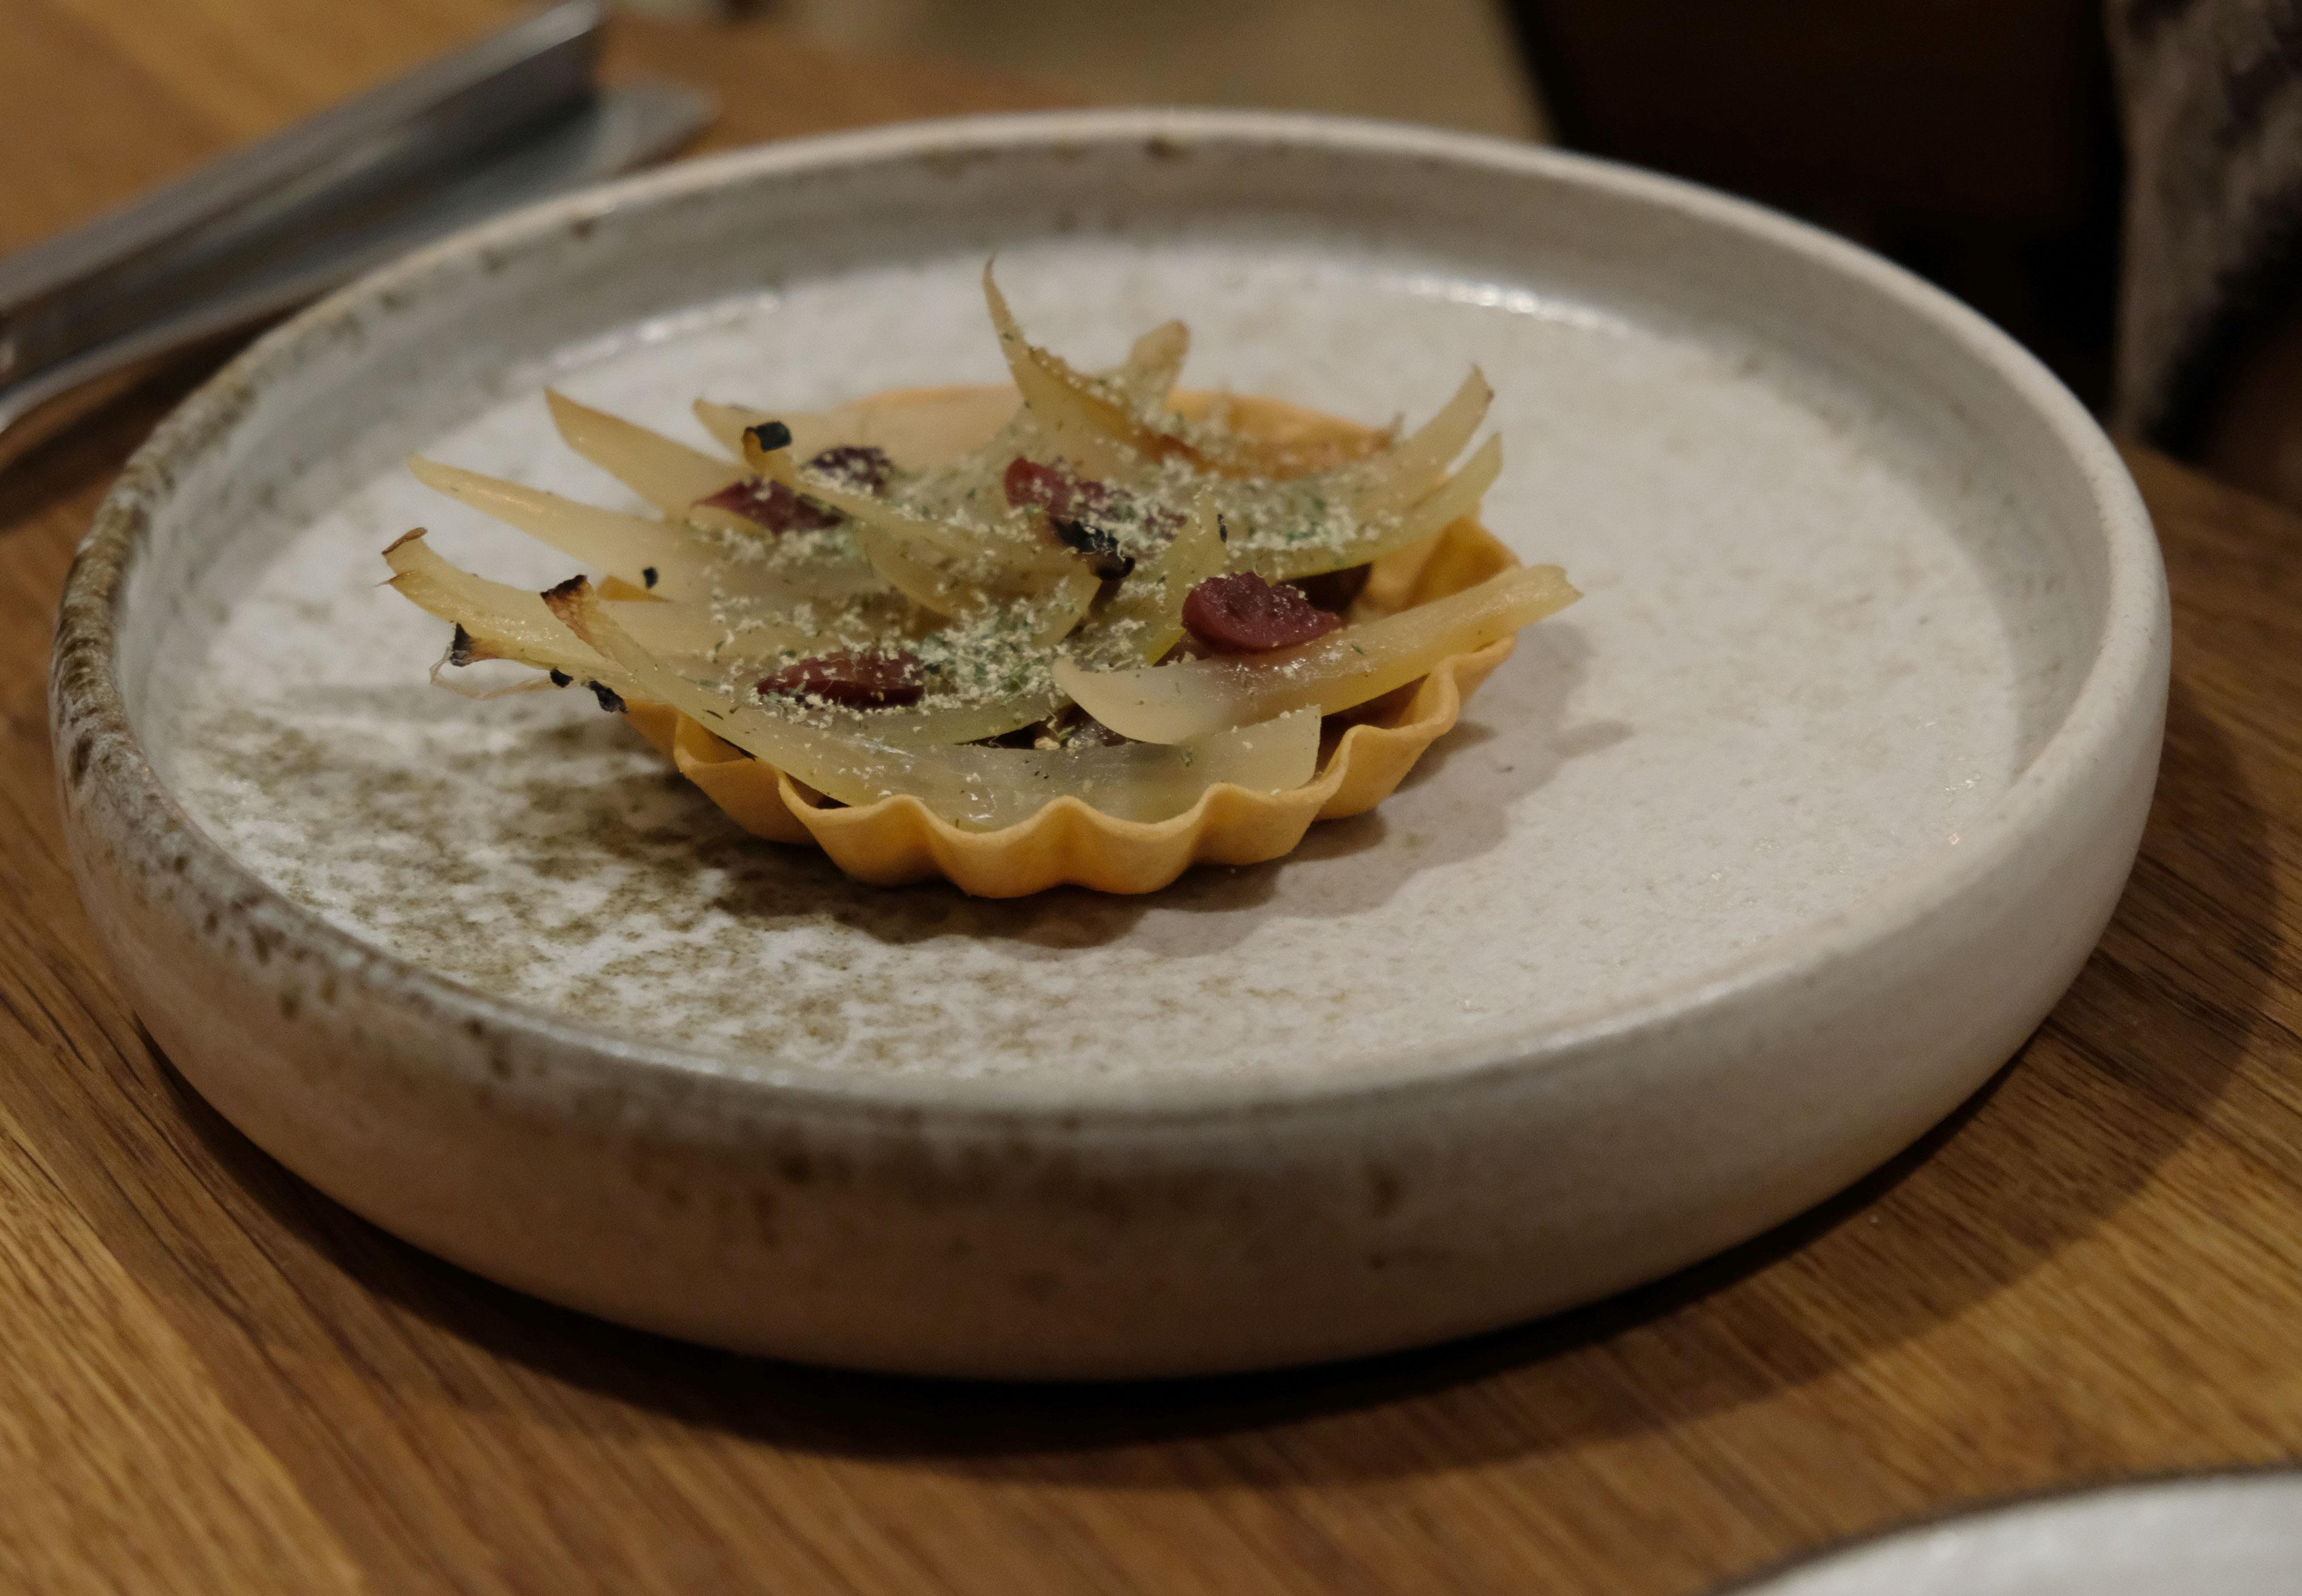 Aarhus_Foodtastic_DSCF9267